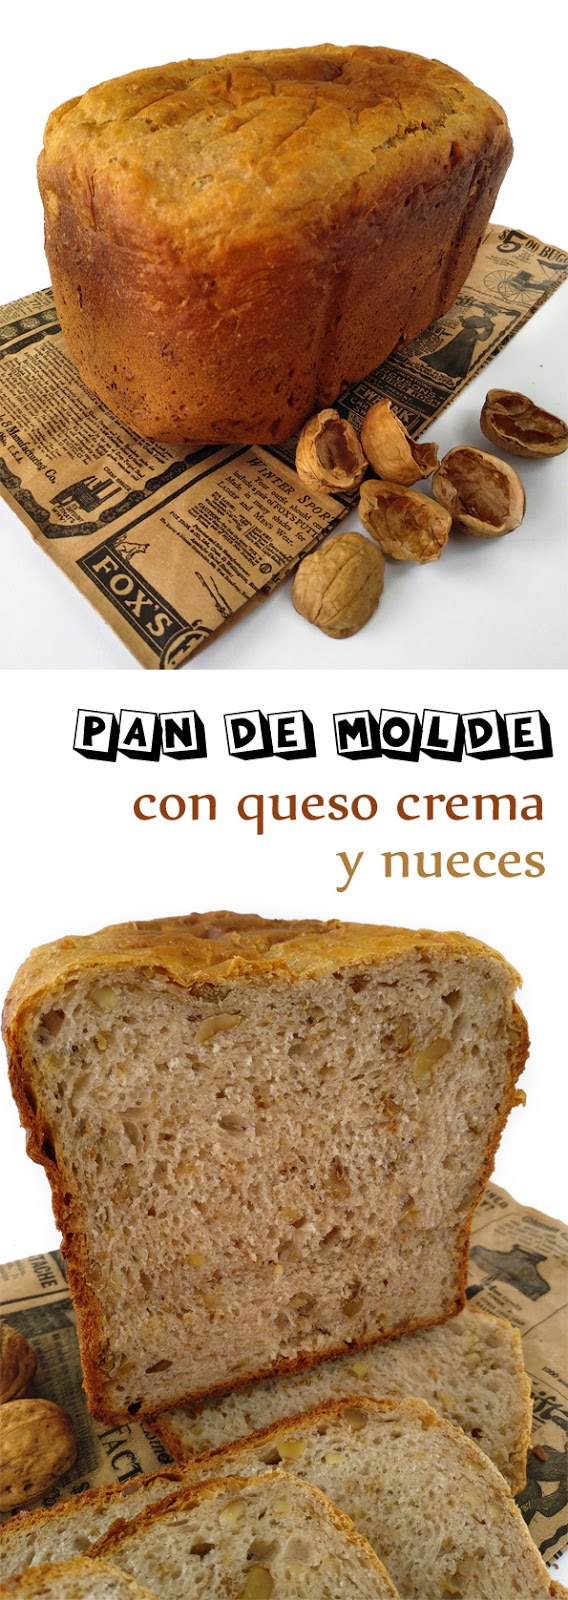 Pan de molde con queso crema y nueces la cocinera novata masa panaderia receta cocina comfortfood sanwich bread